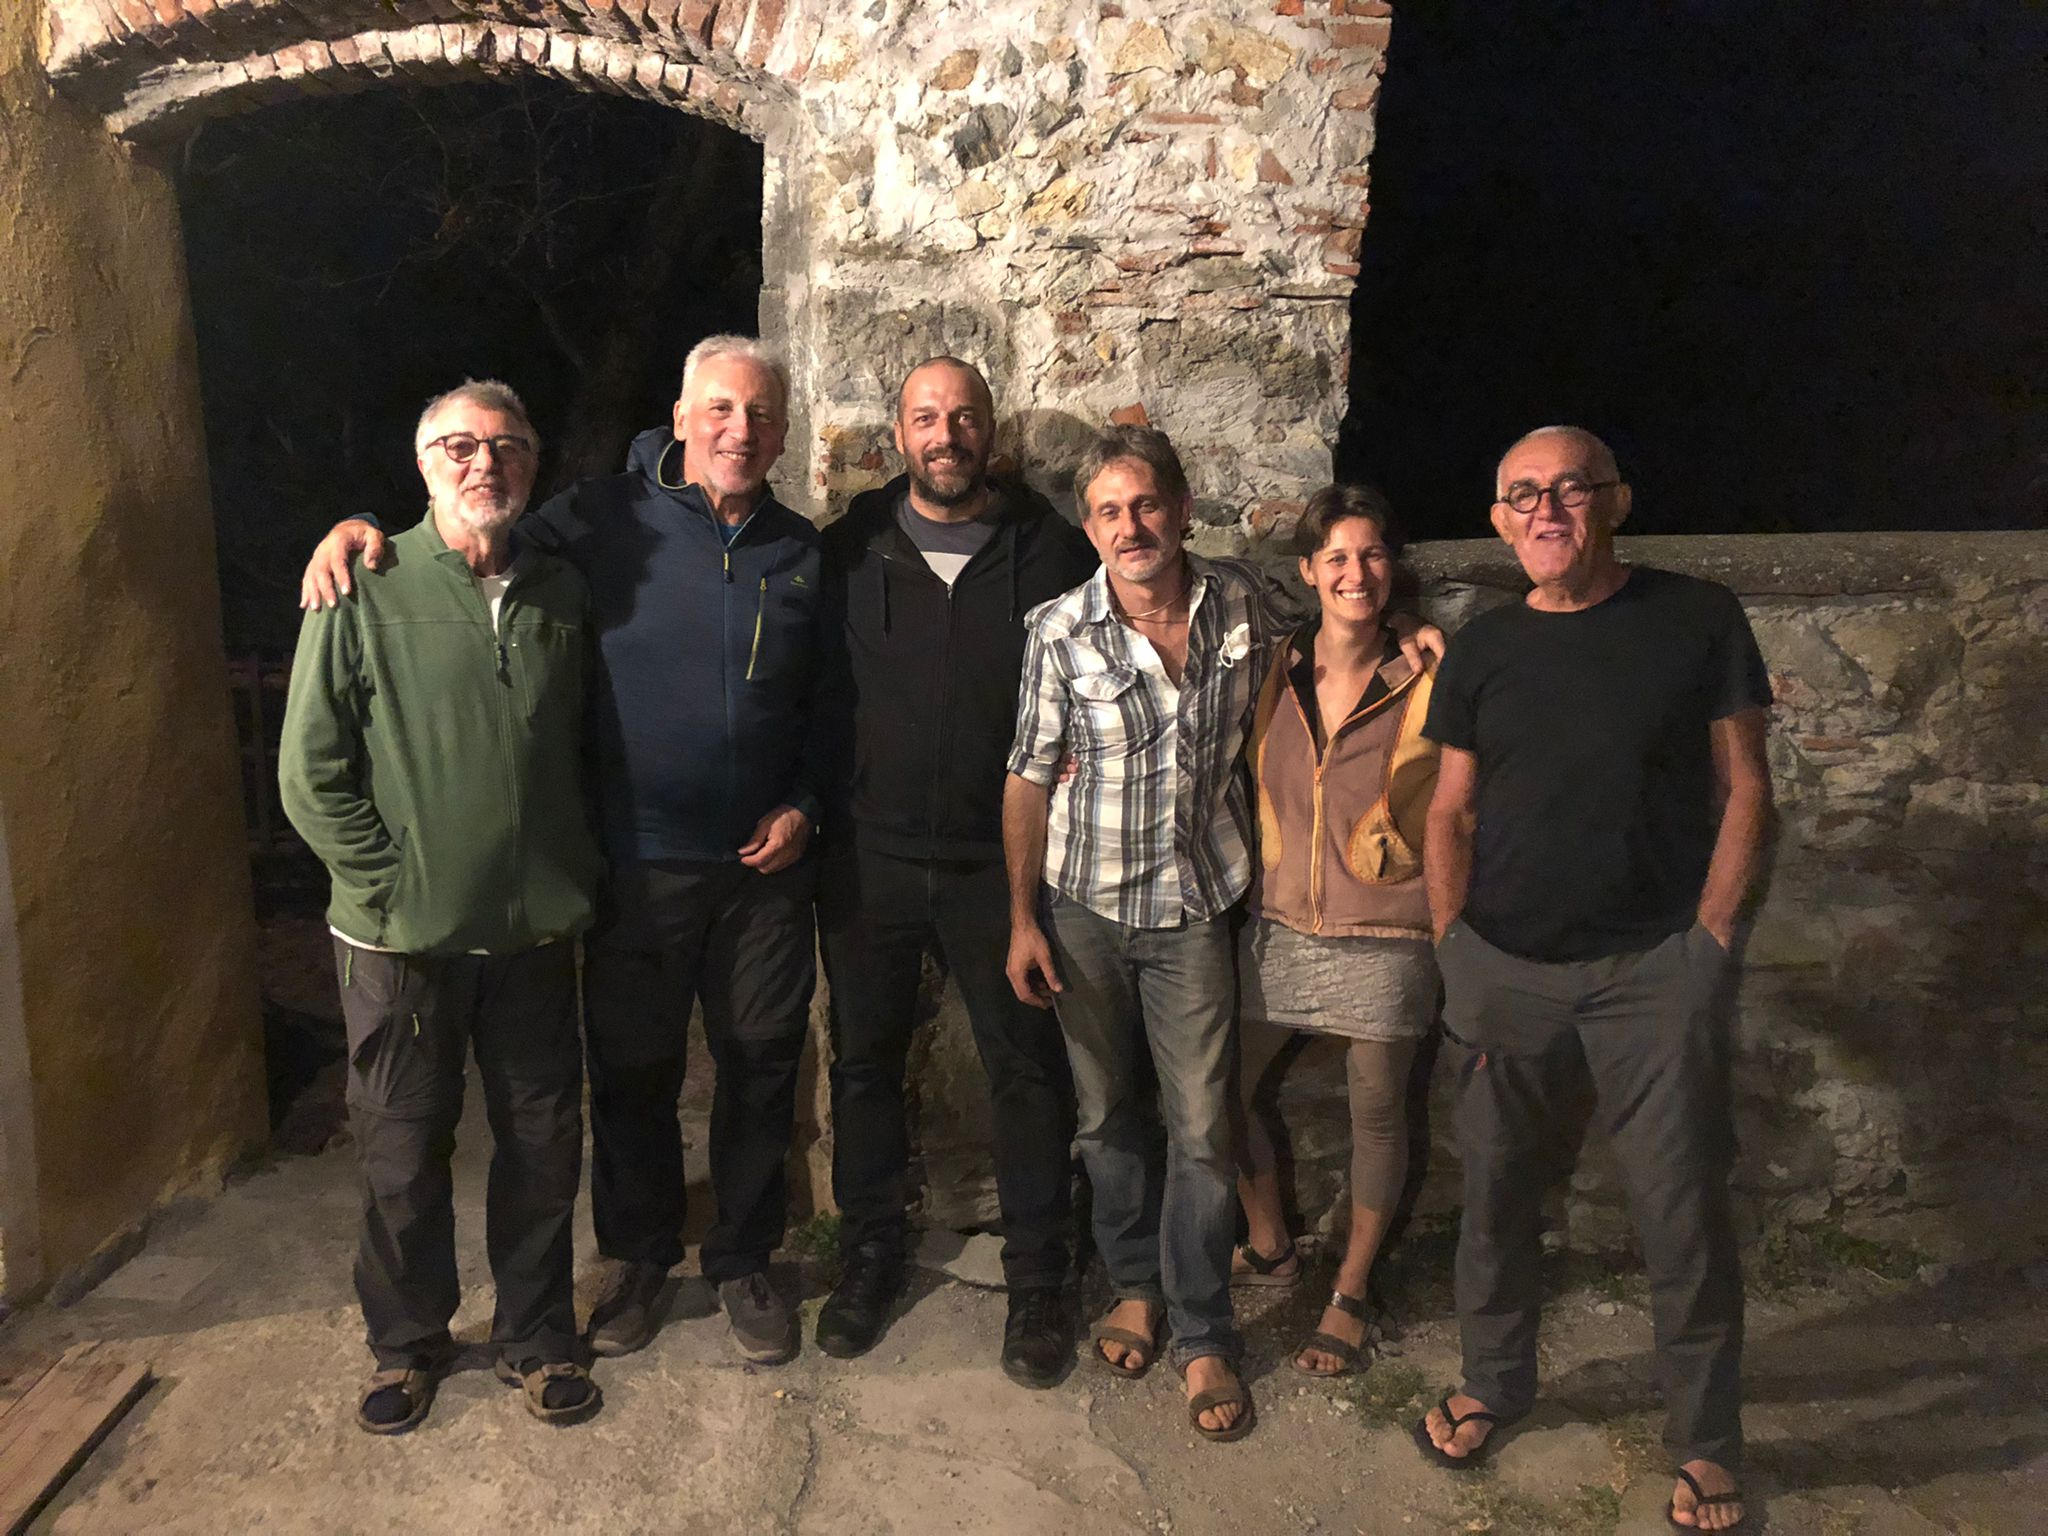 Ieri sera al rifugio La Sciverna. Da sinistra: Tino, Massimo, Roberto, Massimo, la fantastica Alessandra e Claudio